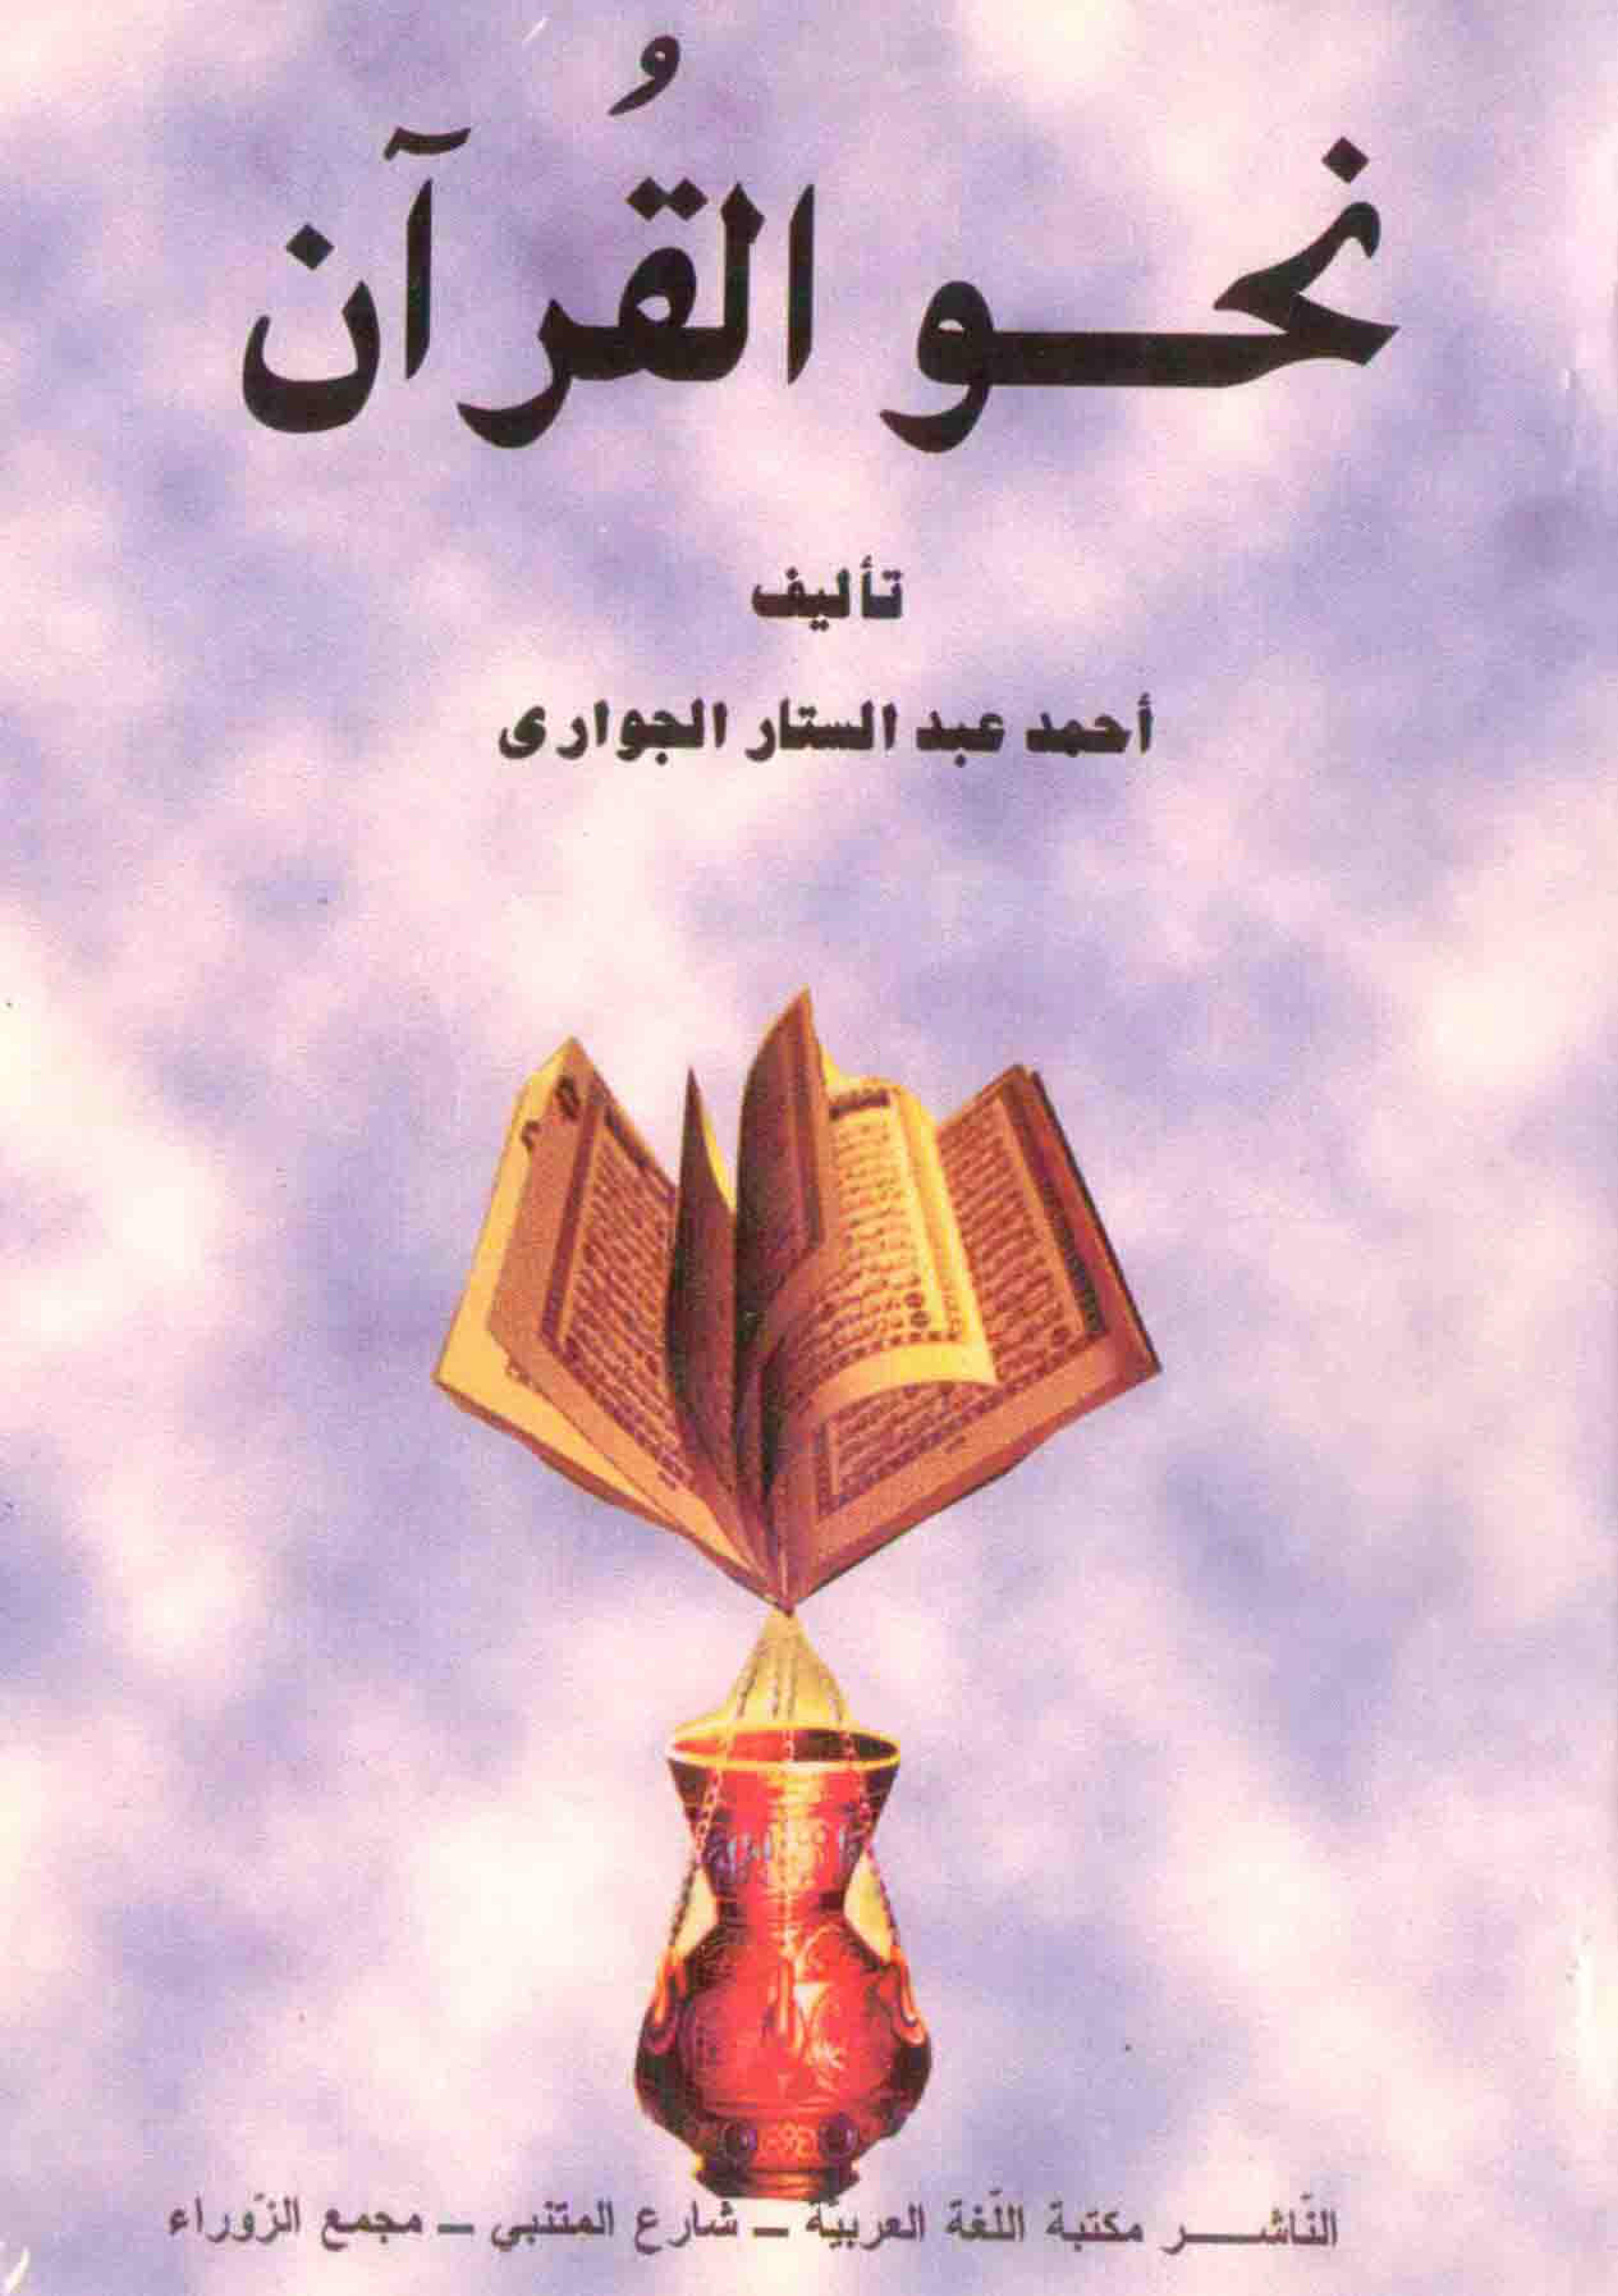 نحو القرآن - أحمد عبد الستار الجواري (ت 1408)